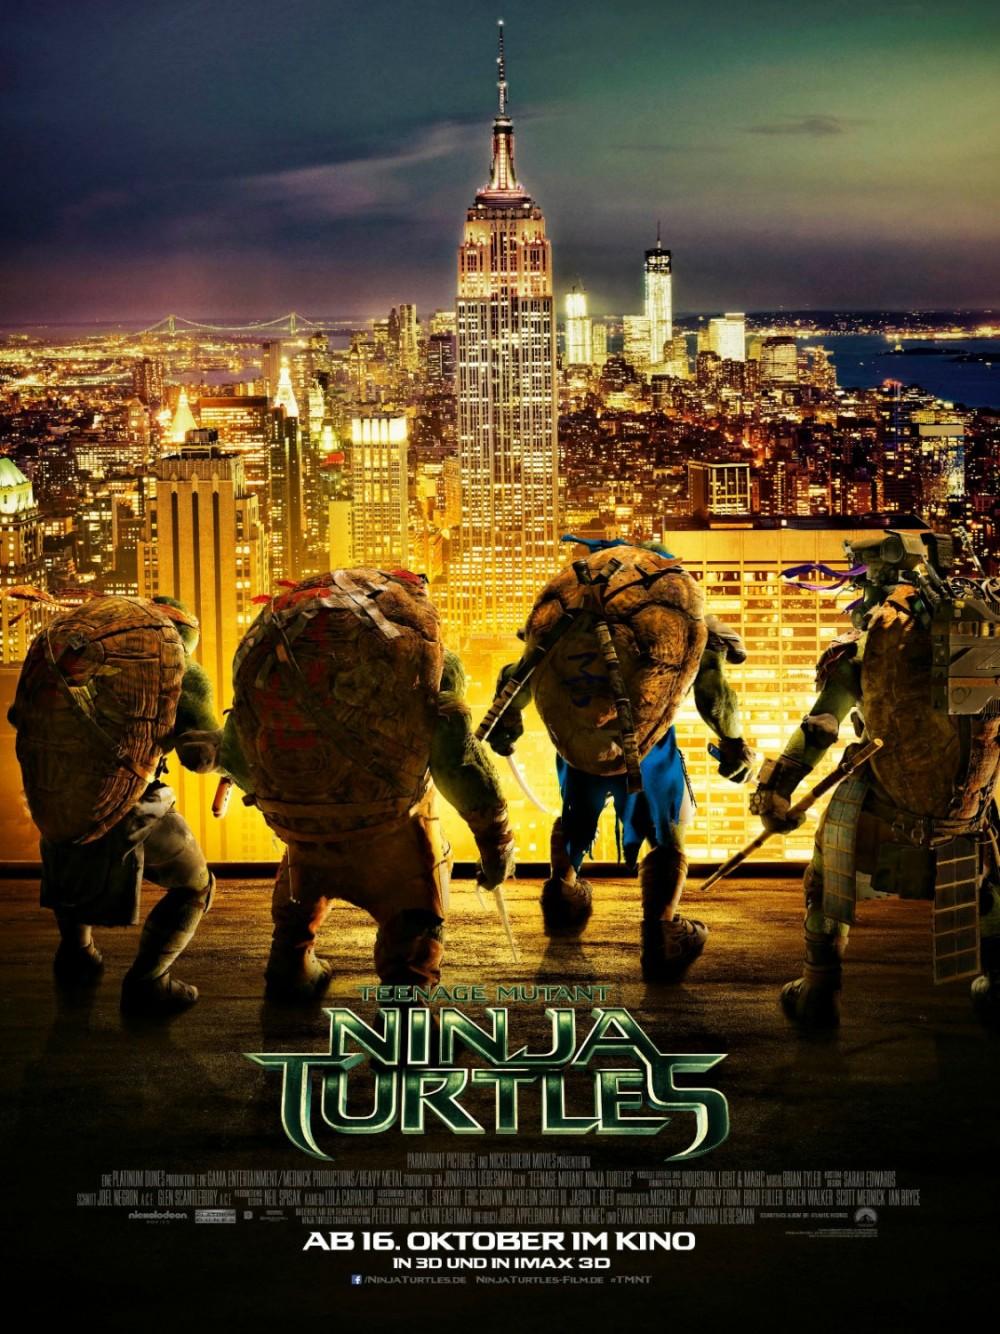 En hoe wordt 'Teenage Mutant Ninja Turtles' ontvangen?